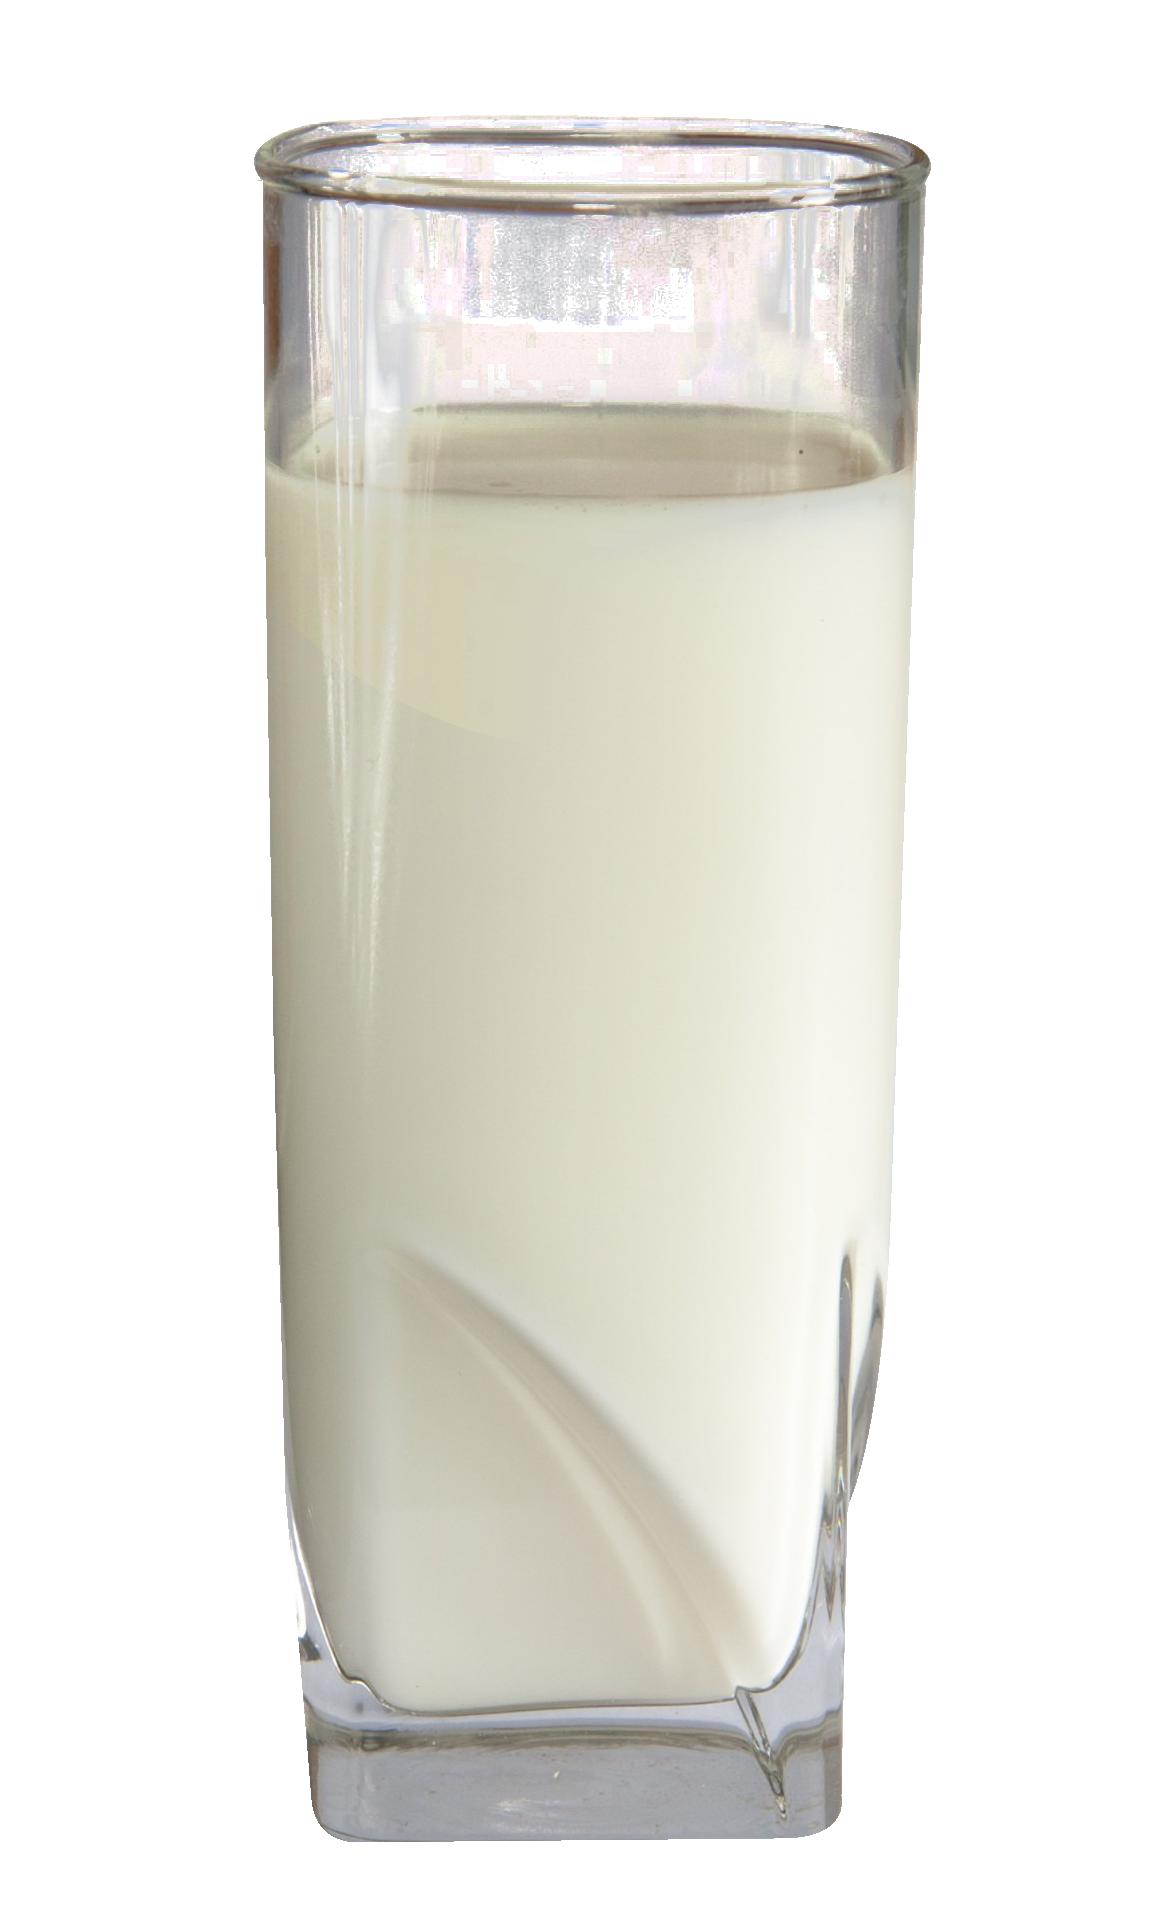 Png images pngpix milk. Glass clipart buttermilk